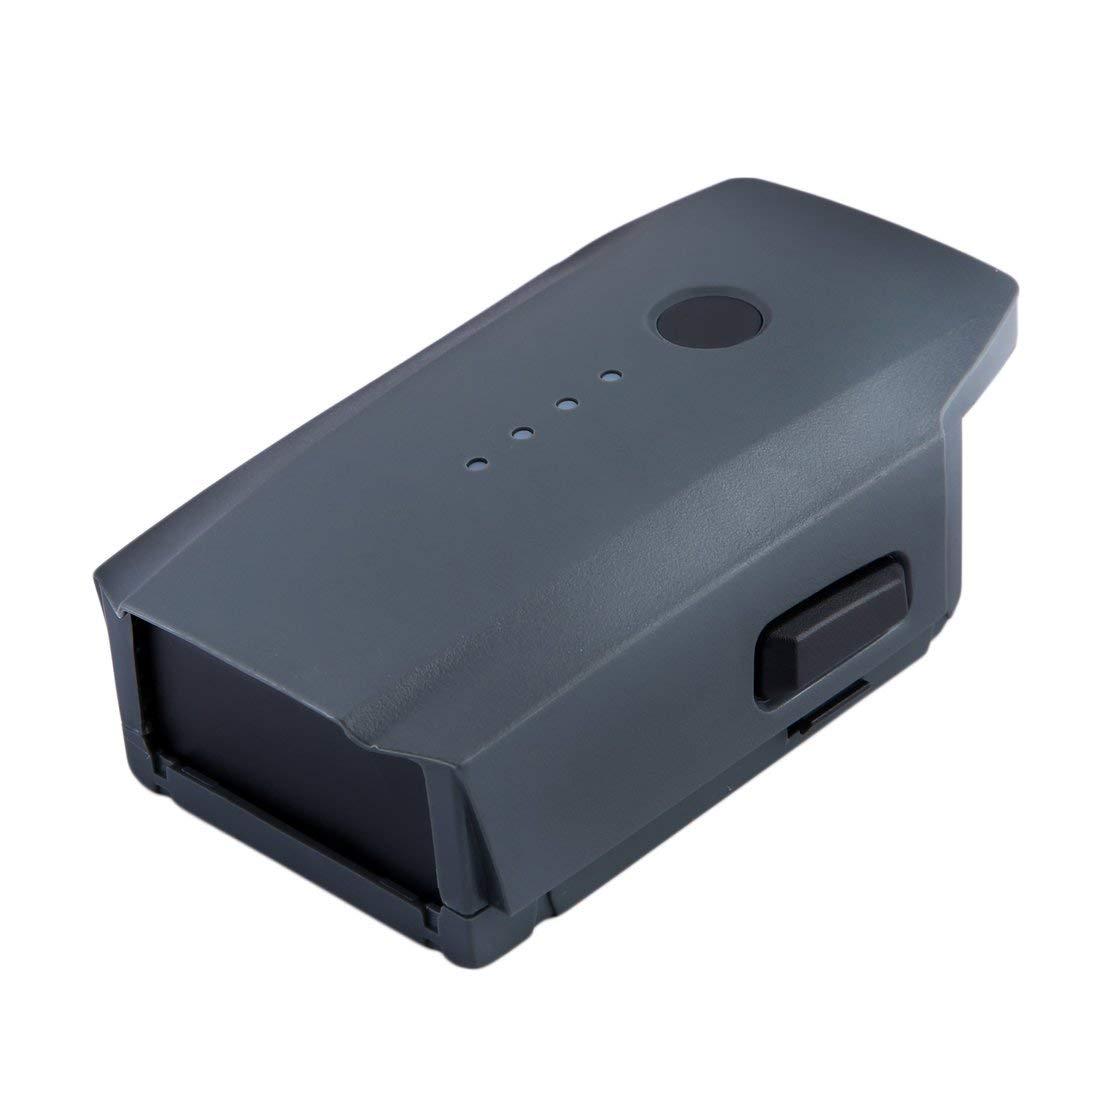 buena reputación ToGames-ES 11.4V 3830mAh 3S Intelligent Intelligent Intelligent Spare Flight LiPo Battery for dji Mavic RC Drone  comprar nuevo barato